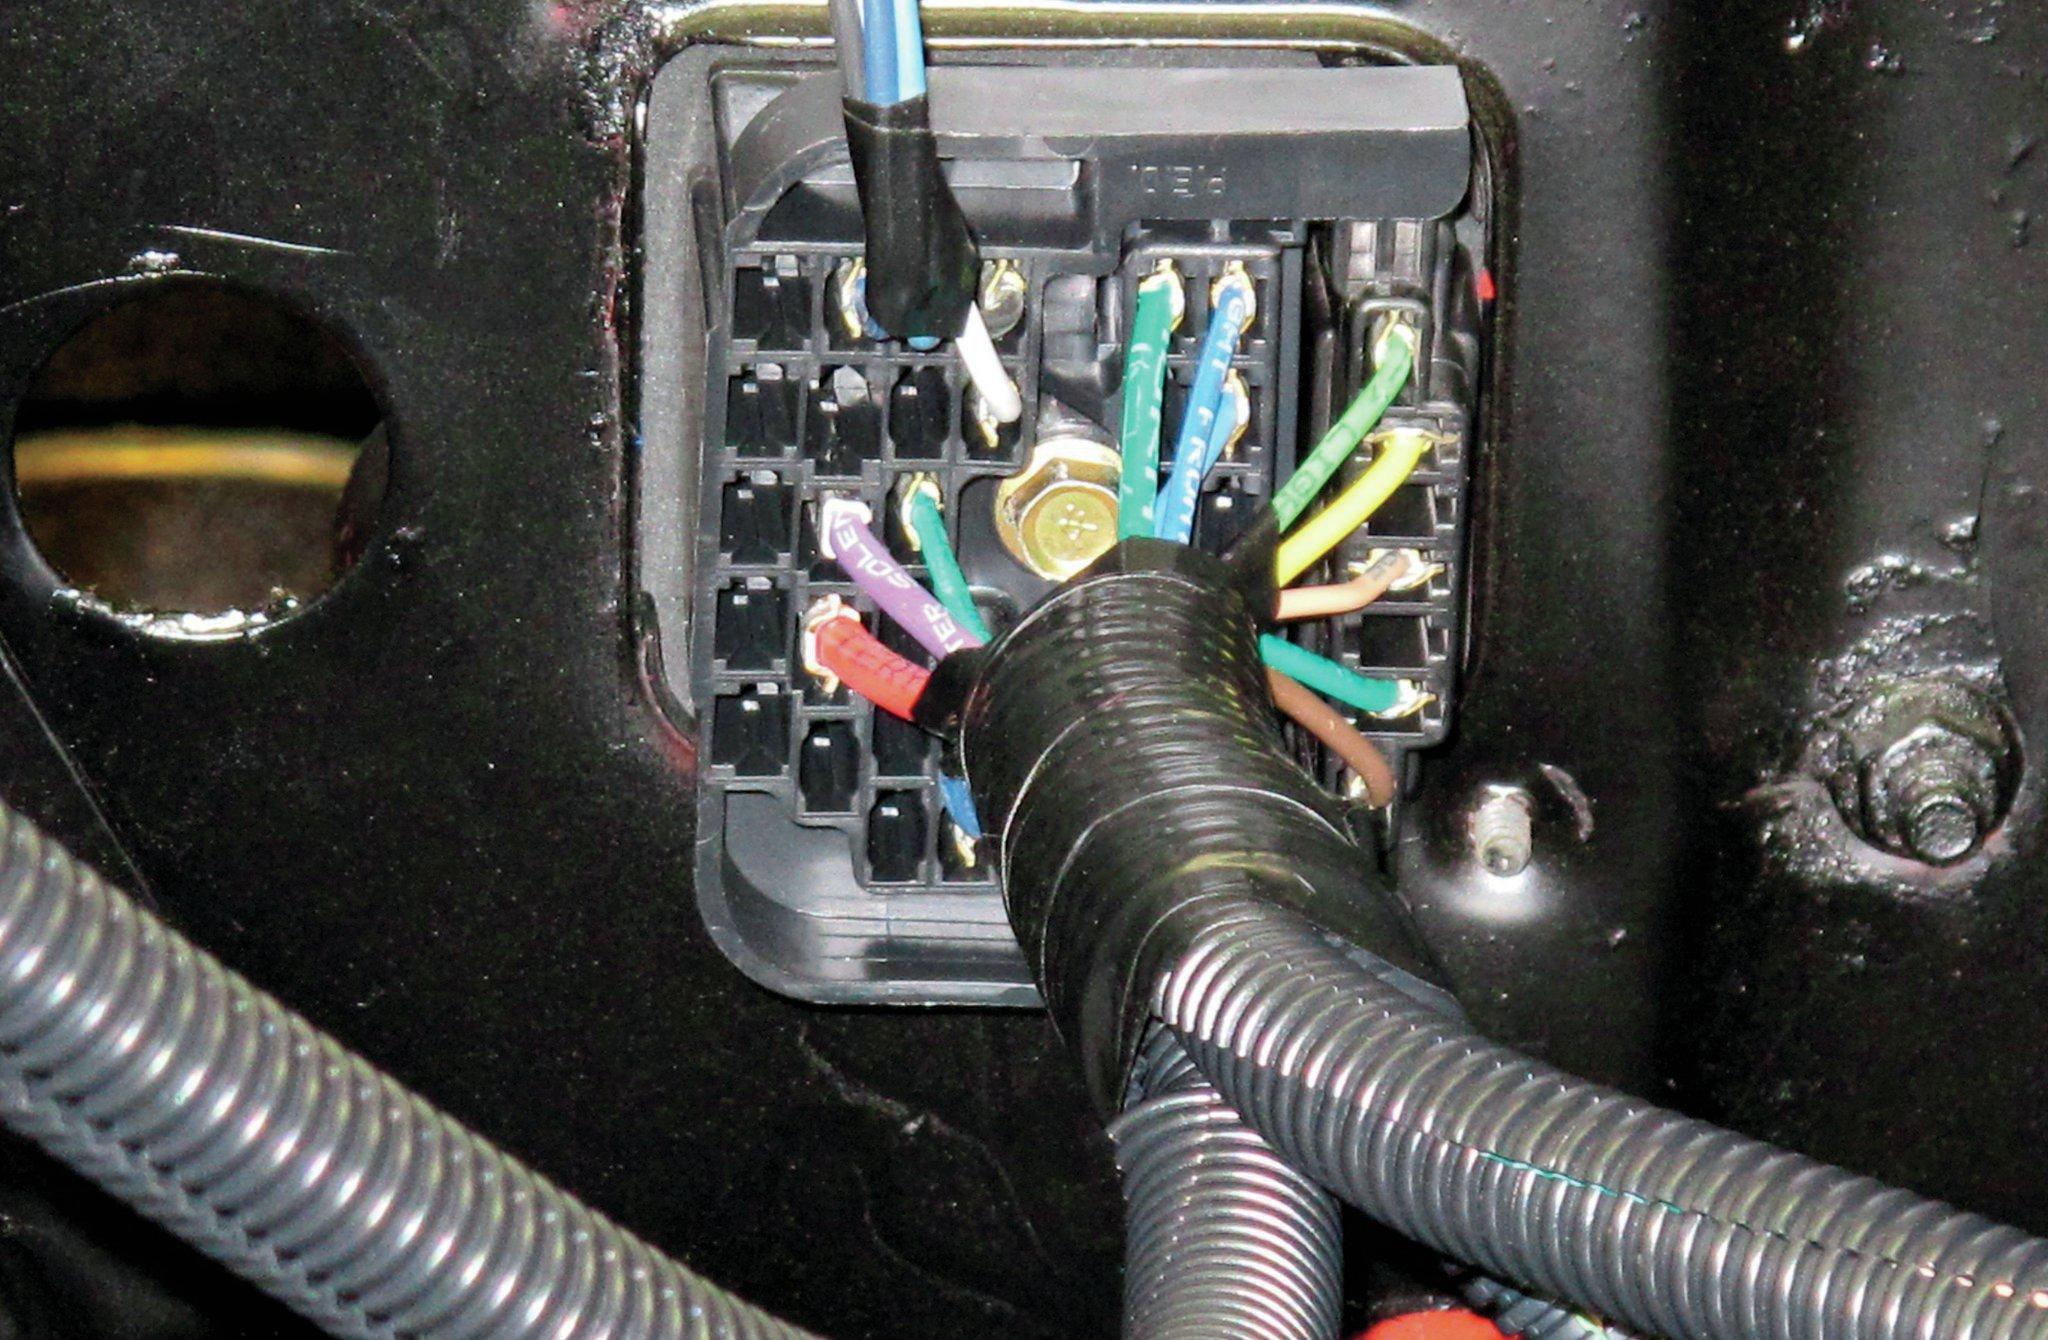 Tremendous Auto Wire Harness Cover Wiring Library Wiring Cloud Ittabpendurdonanfuldomelitekicepsianuembamohammedshrineorg